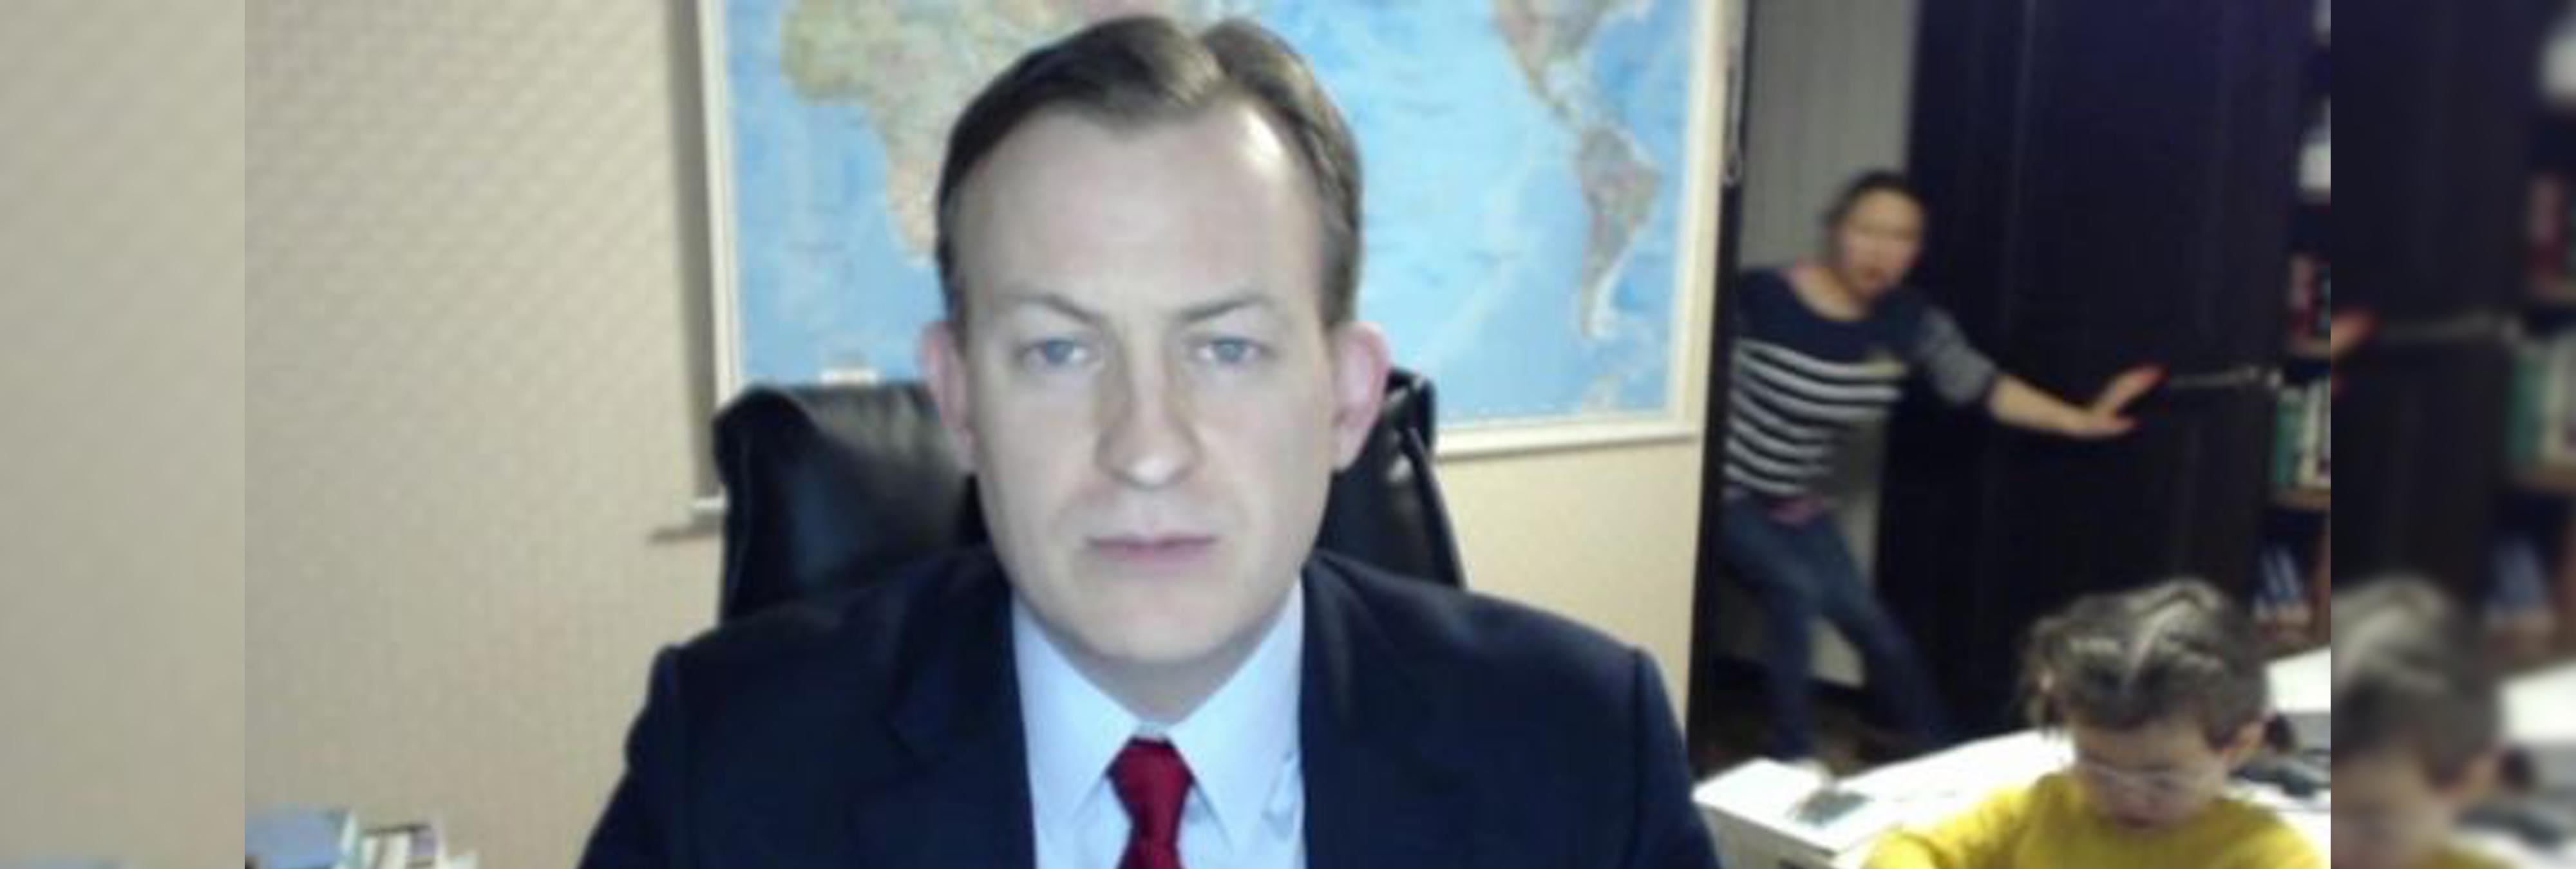 No, no era la niñera: el racismo machista que despertó el vídeo del profesor con sus hijos en la BBC y su explicación real